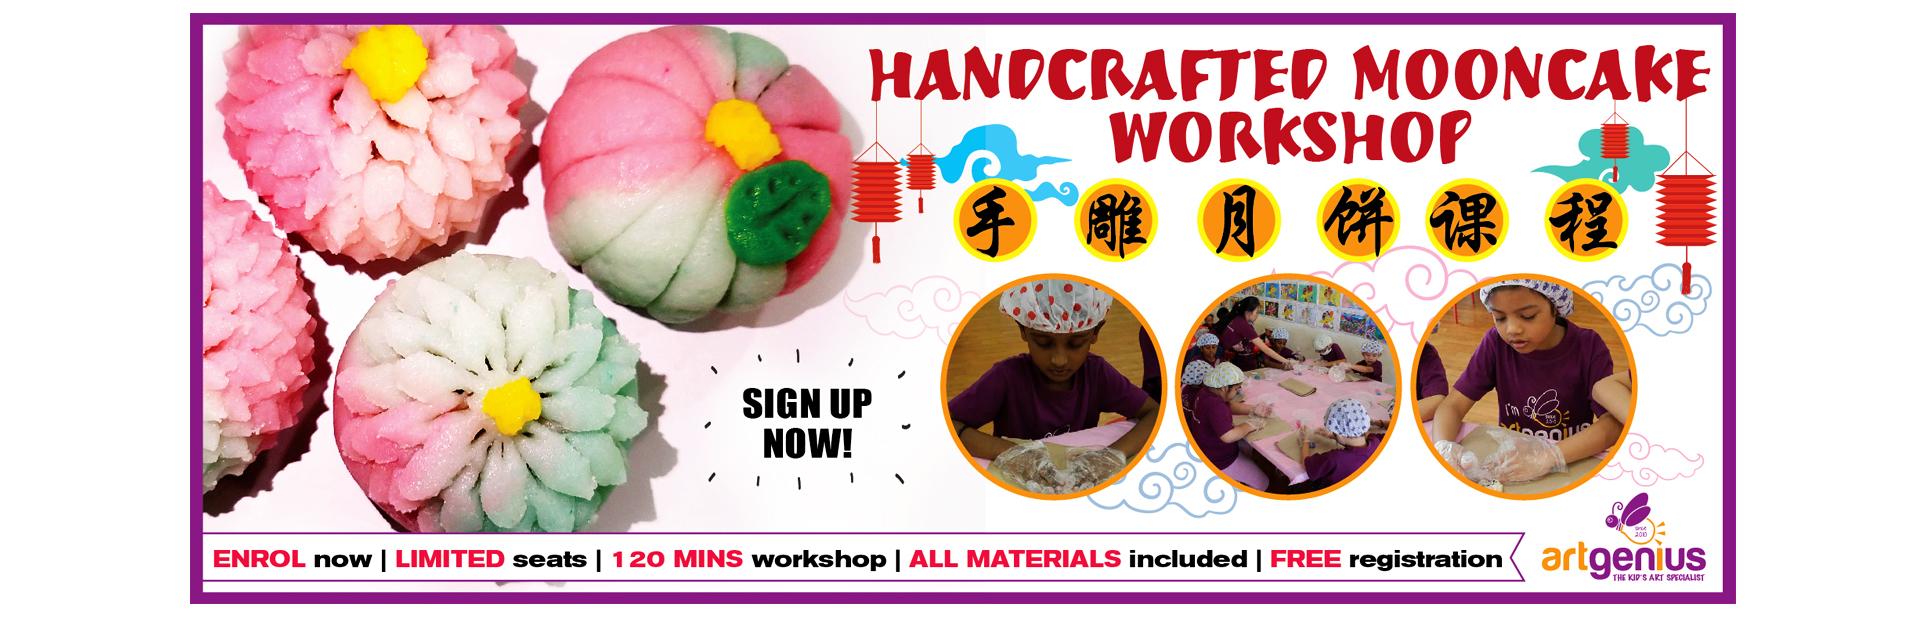 mooncake-workshop-2019-web-banner-new